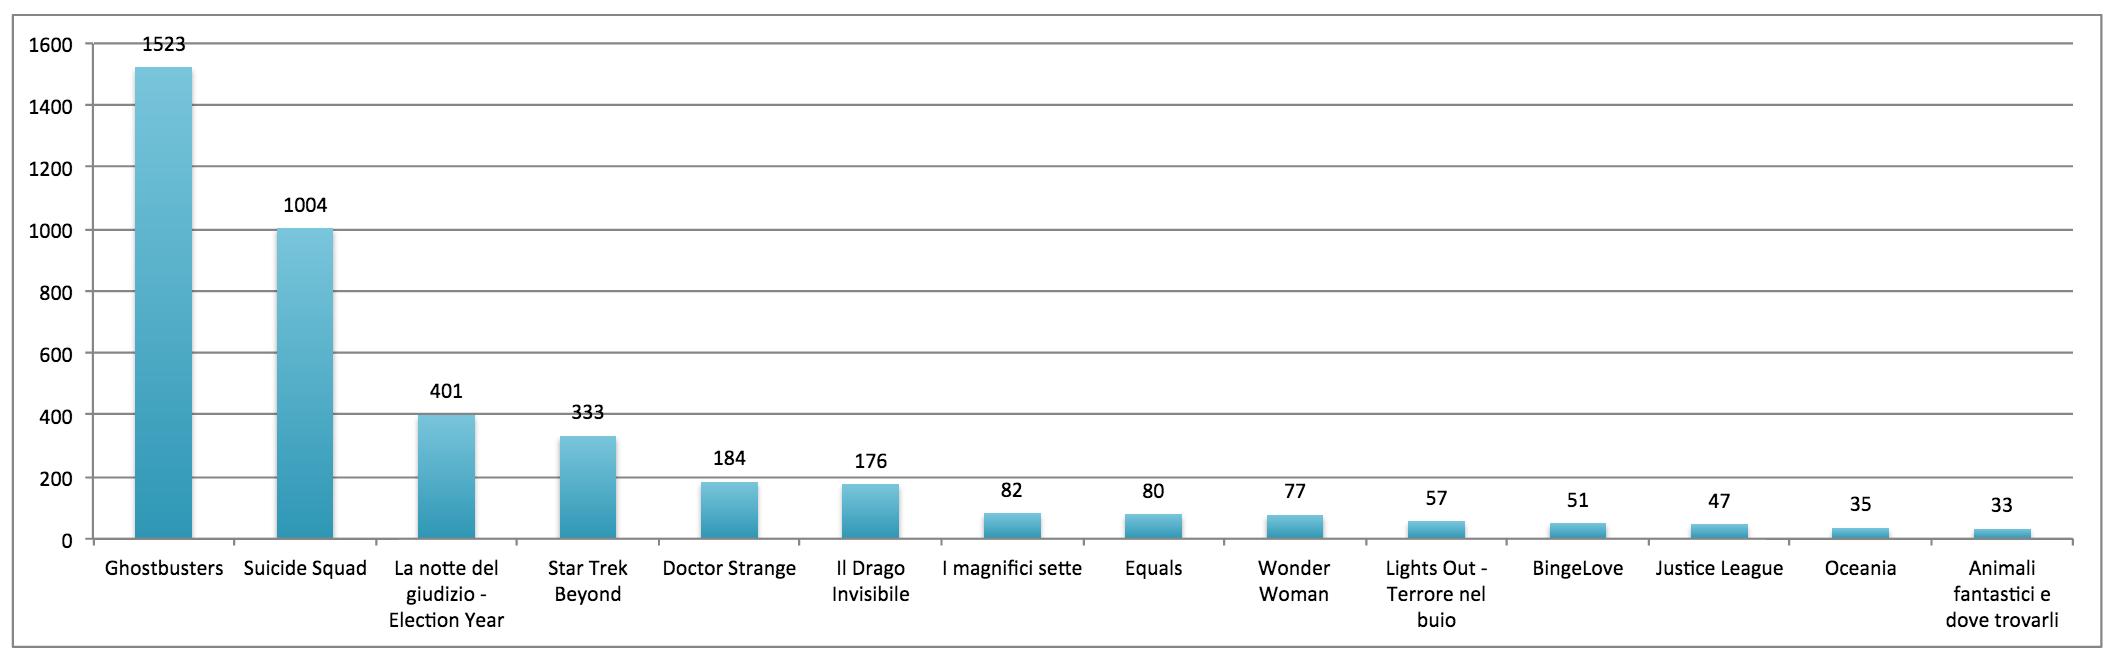 Volume degli hashtag totali nella settimana di riferimento *Sono esclusi film con volume hashtag inferiore a 30